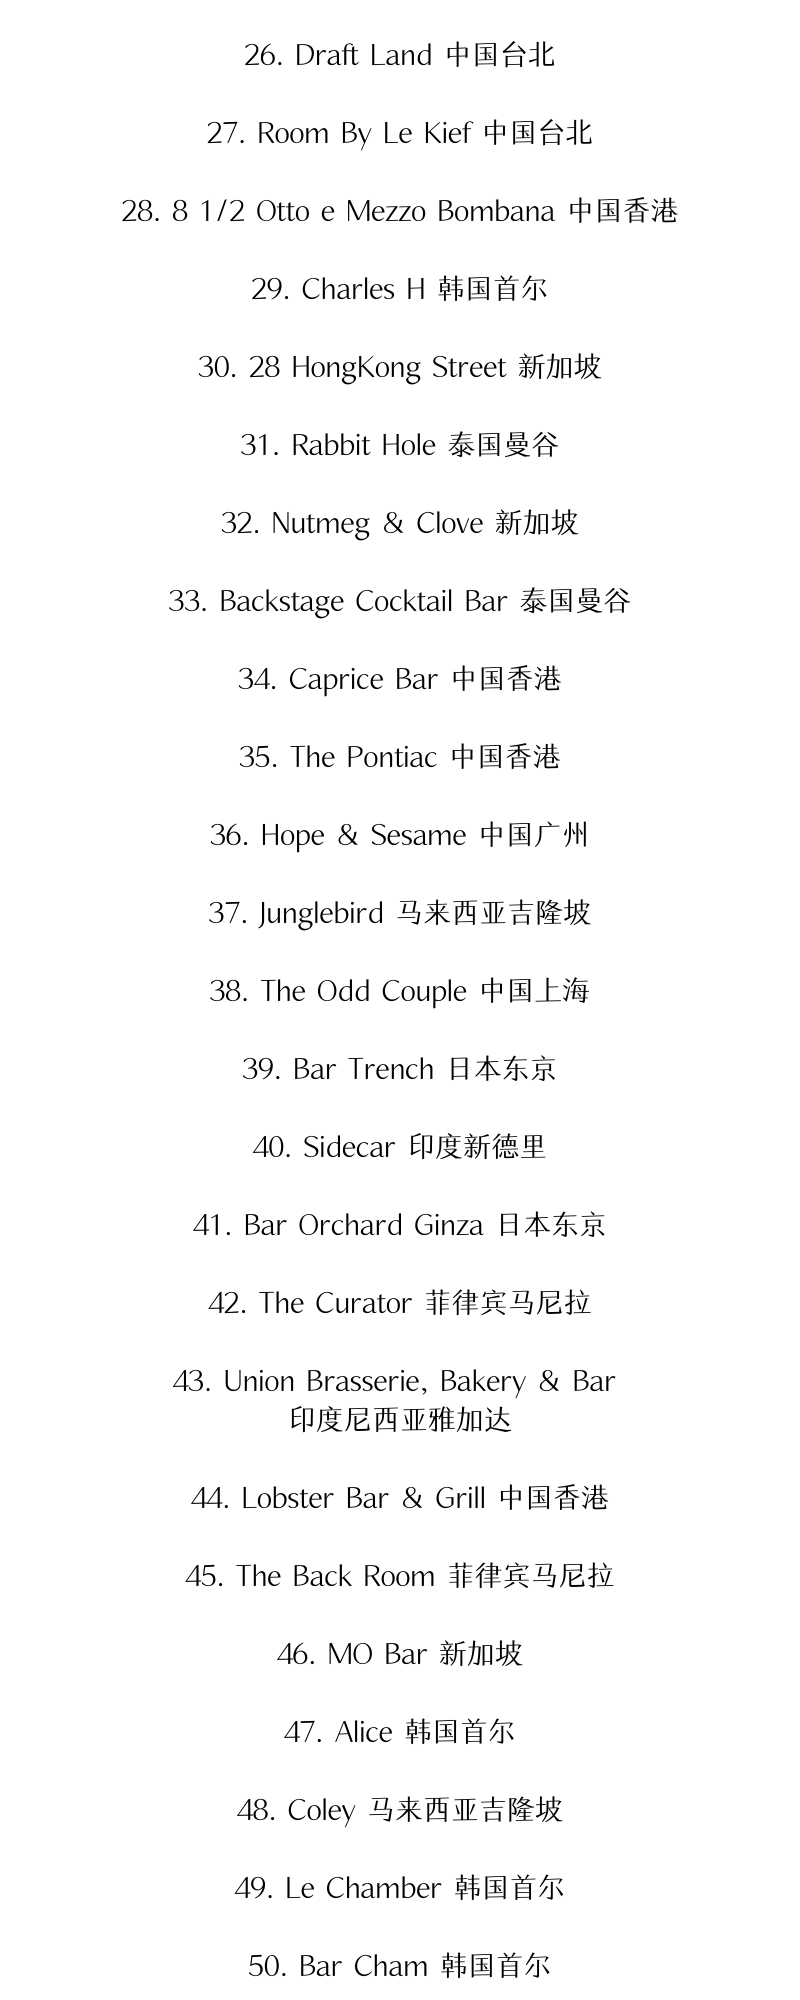 亚洲最佳酒吧榜单 TOP 50,中国上榜的 17 家你去过吗?